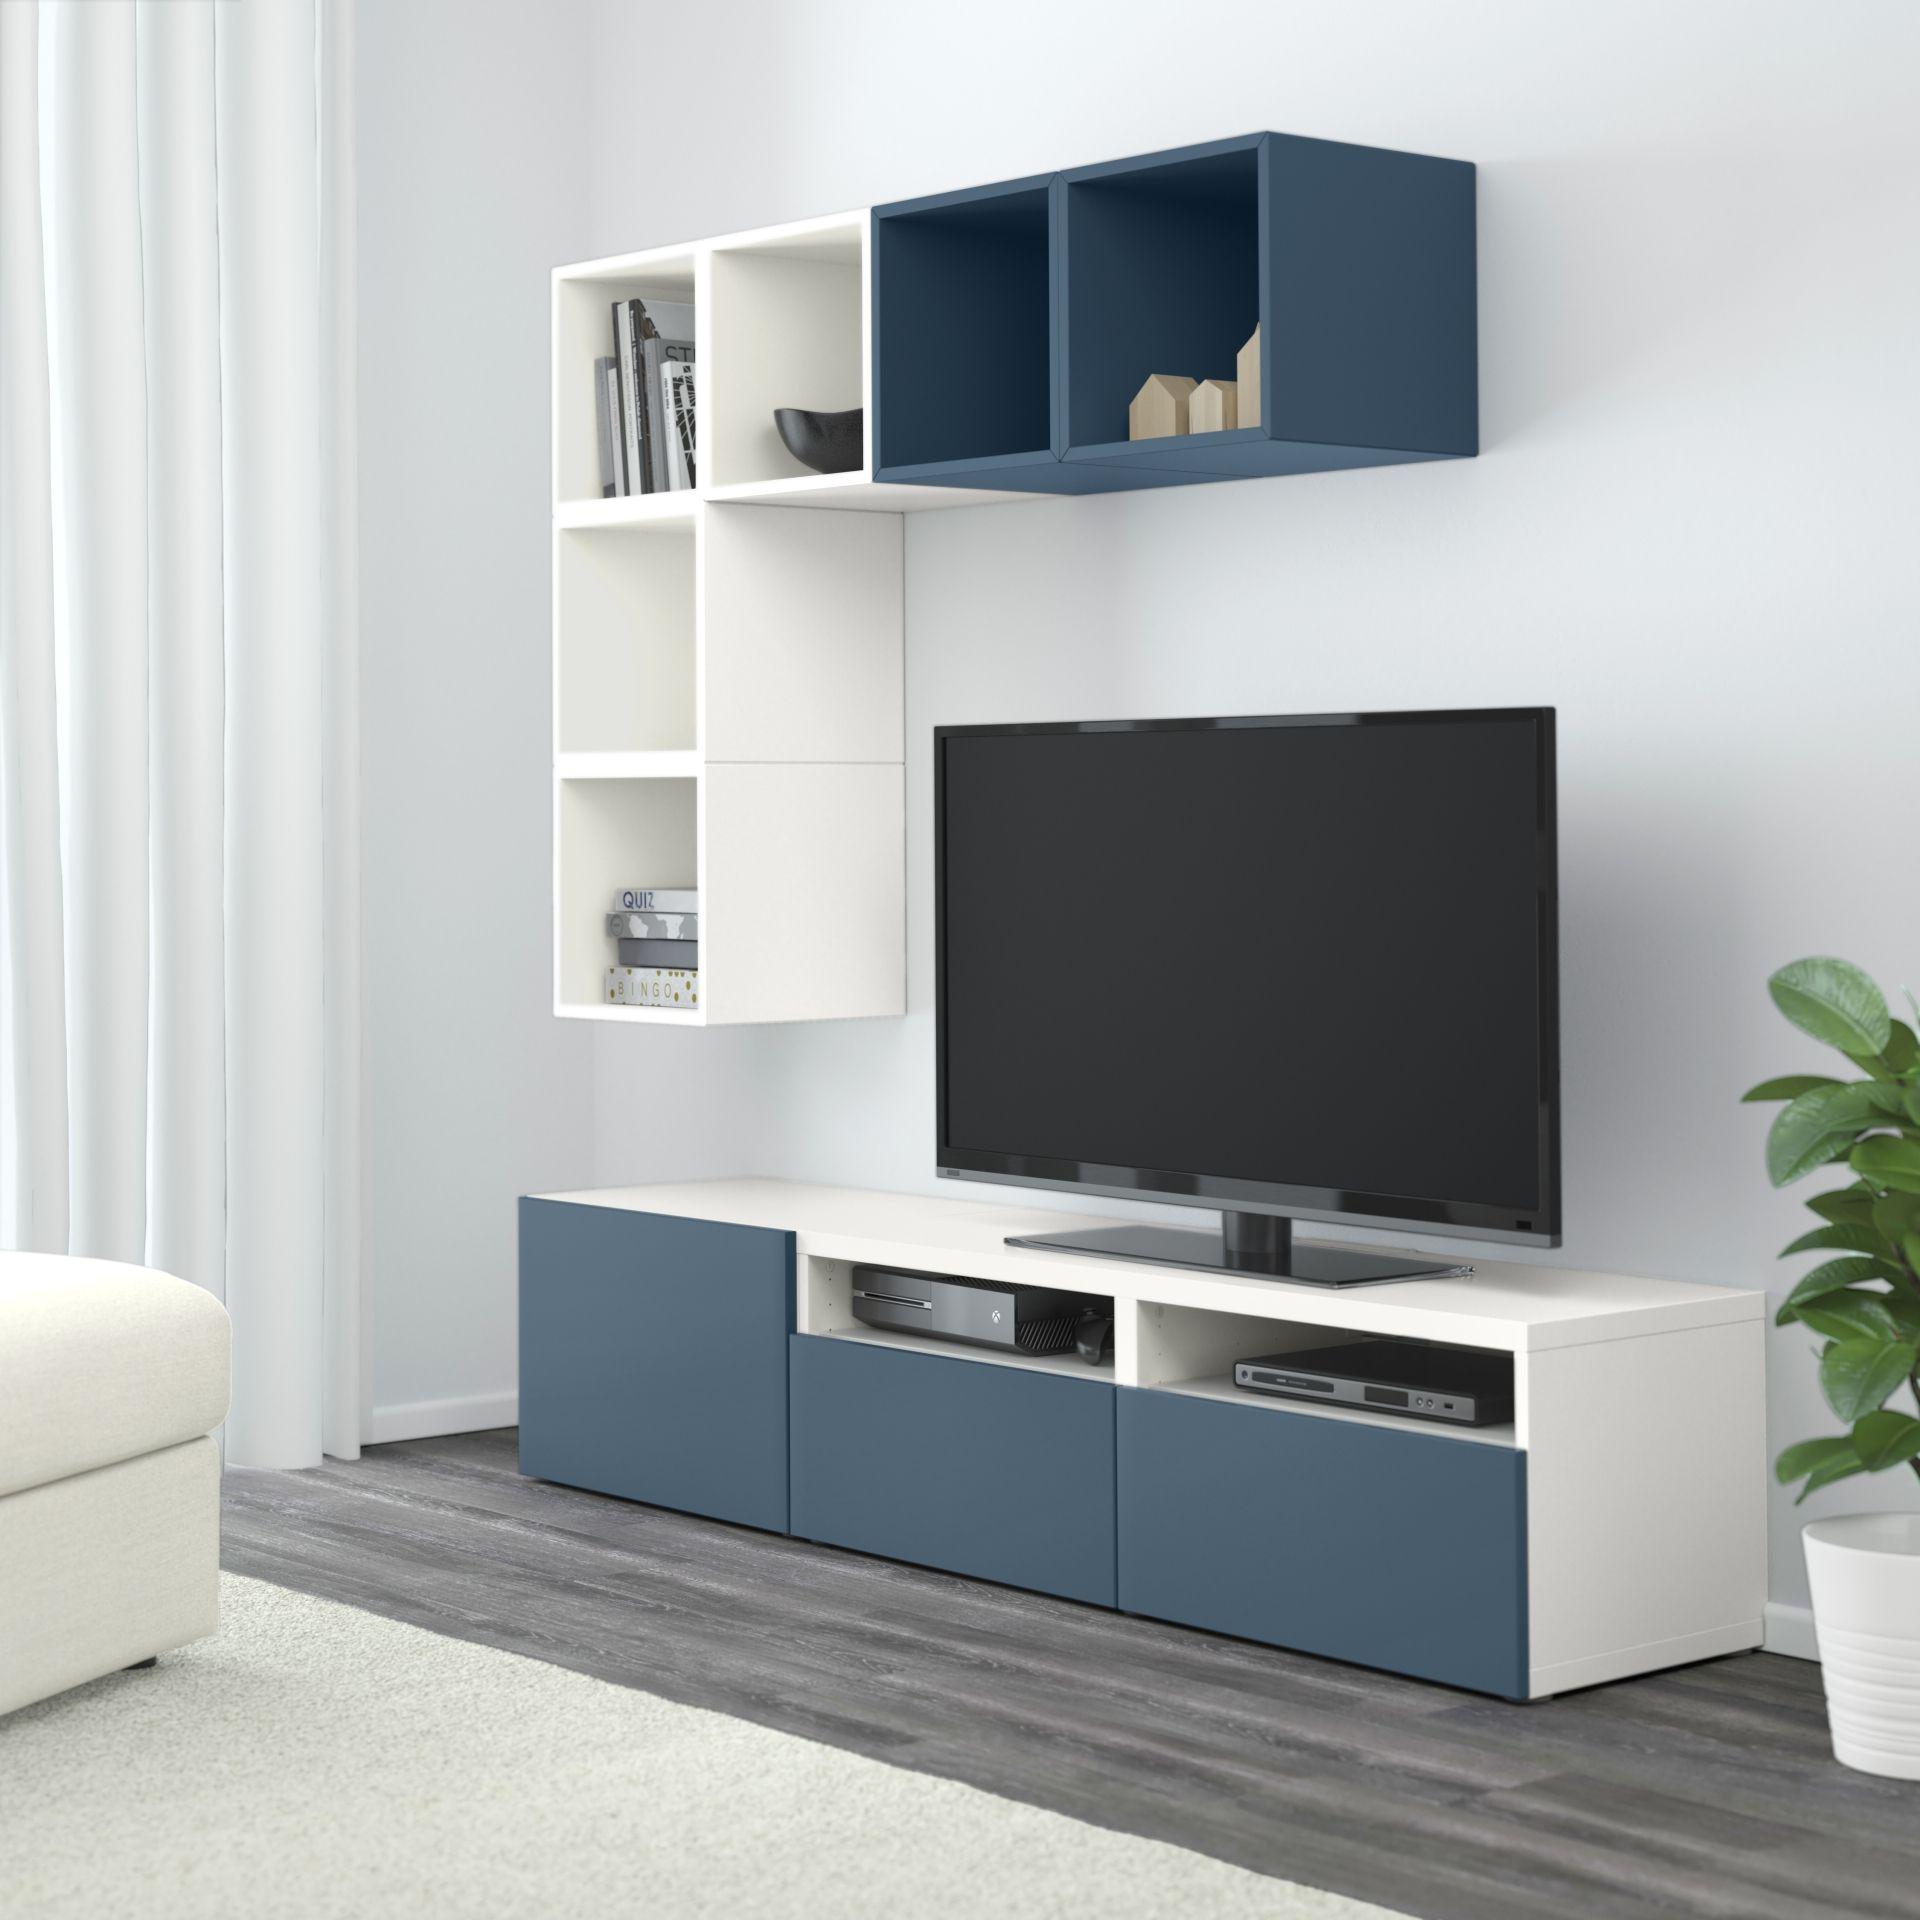 BESTÅ tv-meubel | IKEA IKEAnl IKEAnederland opbergen woonkamer ...